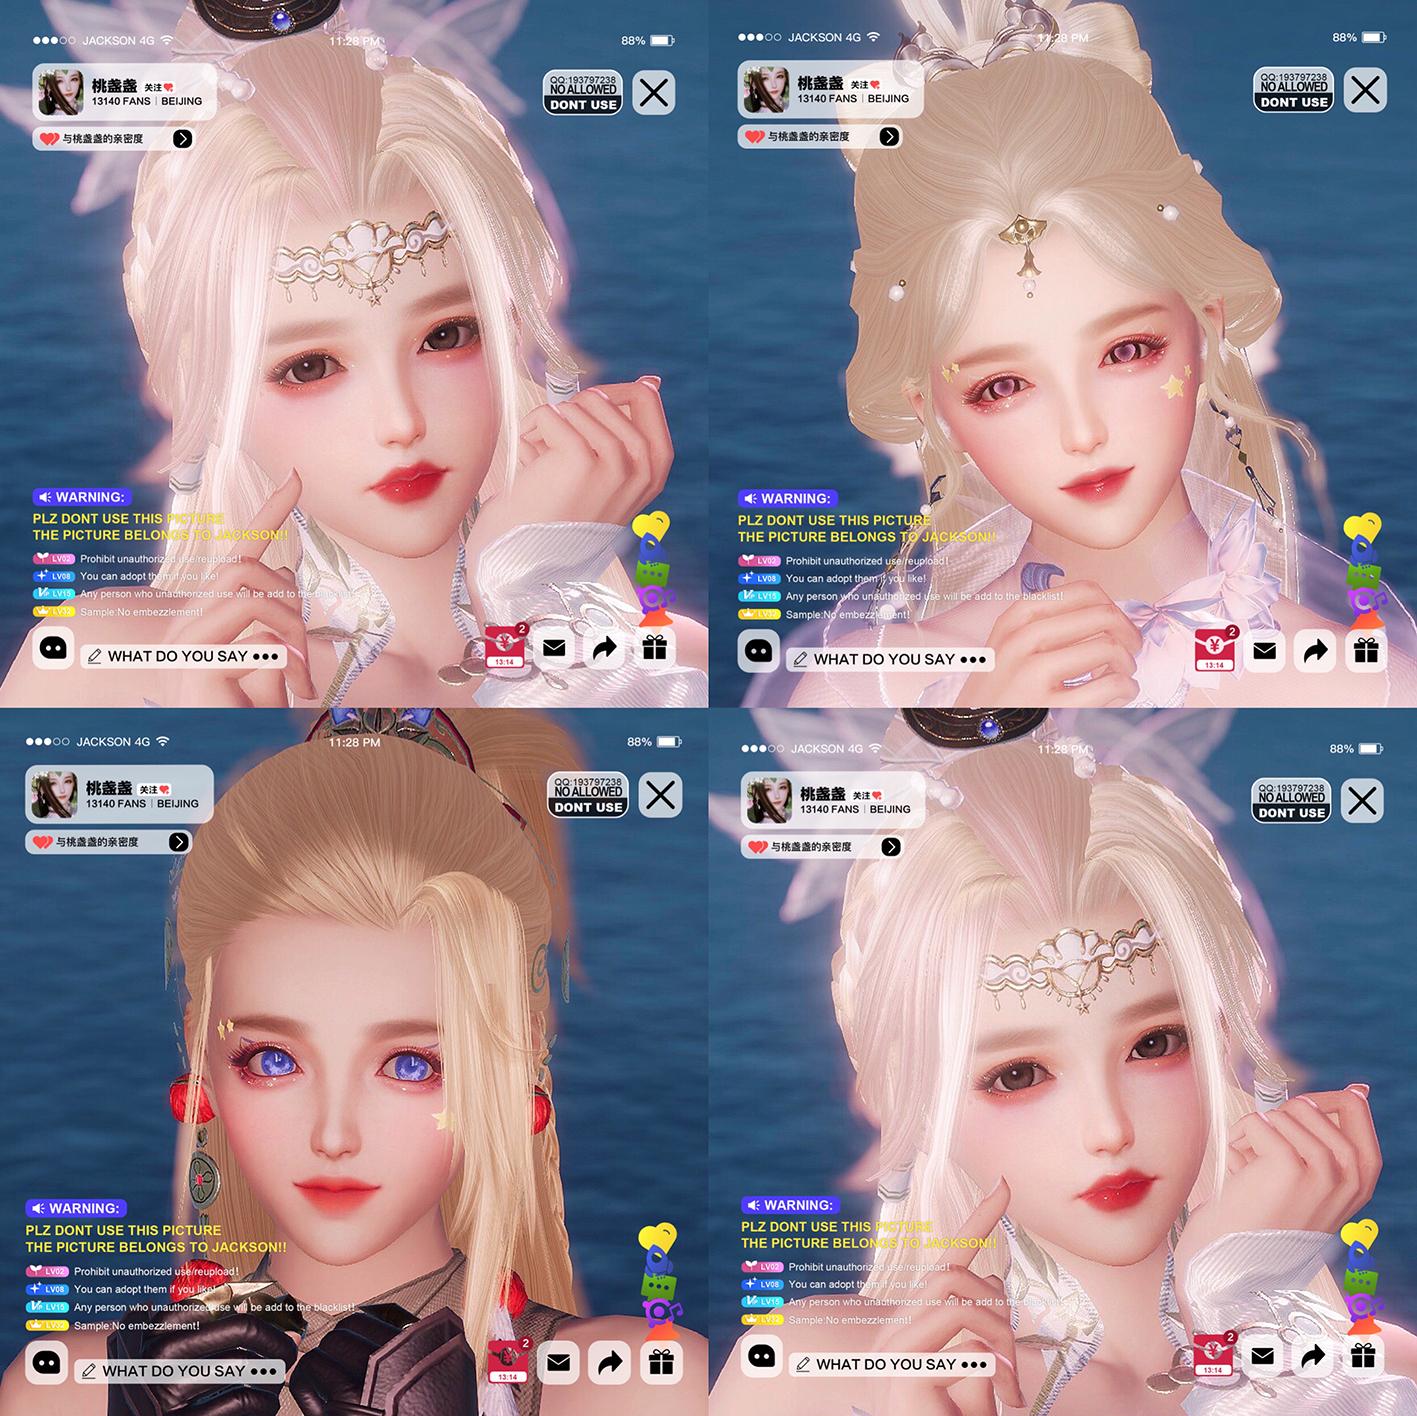 【半盏软桃】【小偶像 小迷妹】重制版剑网3 剑三捏脸 成女脸型